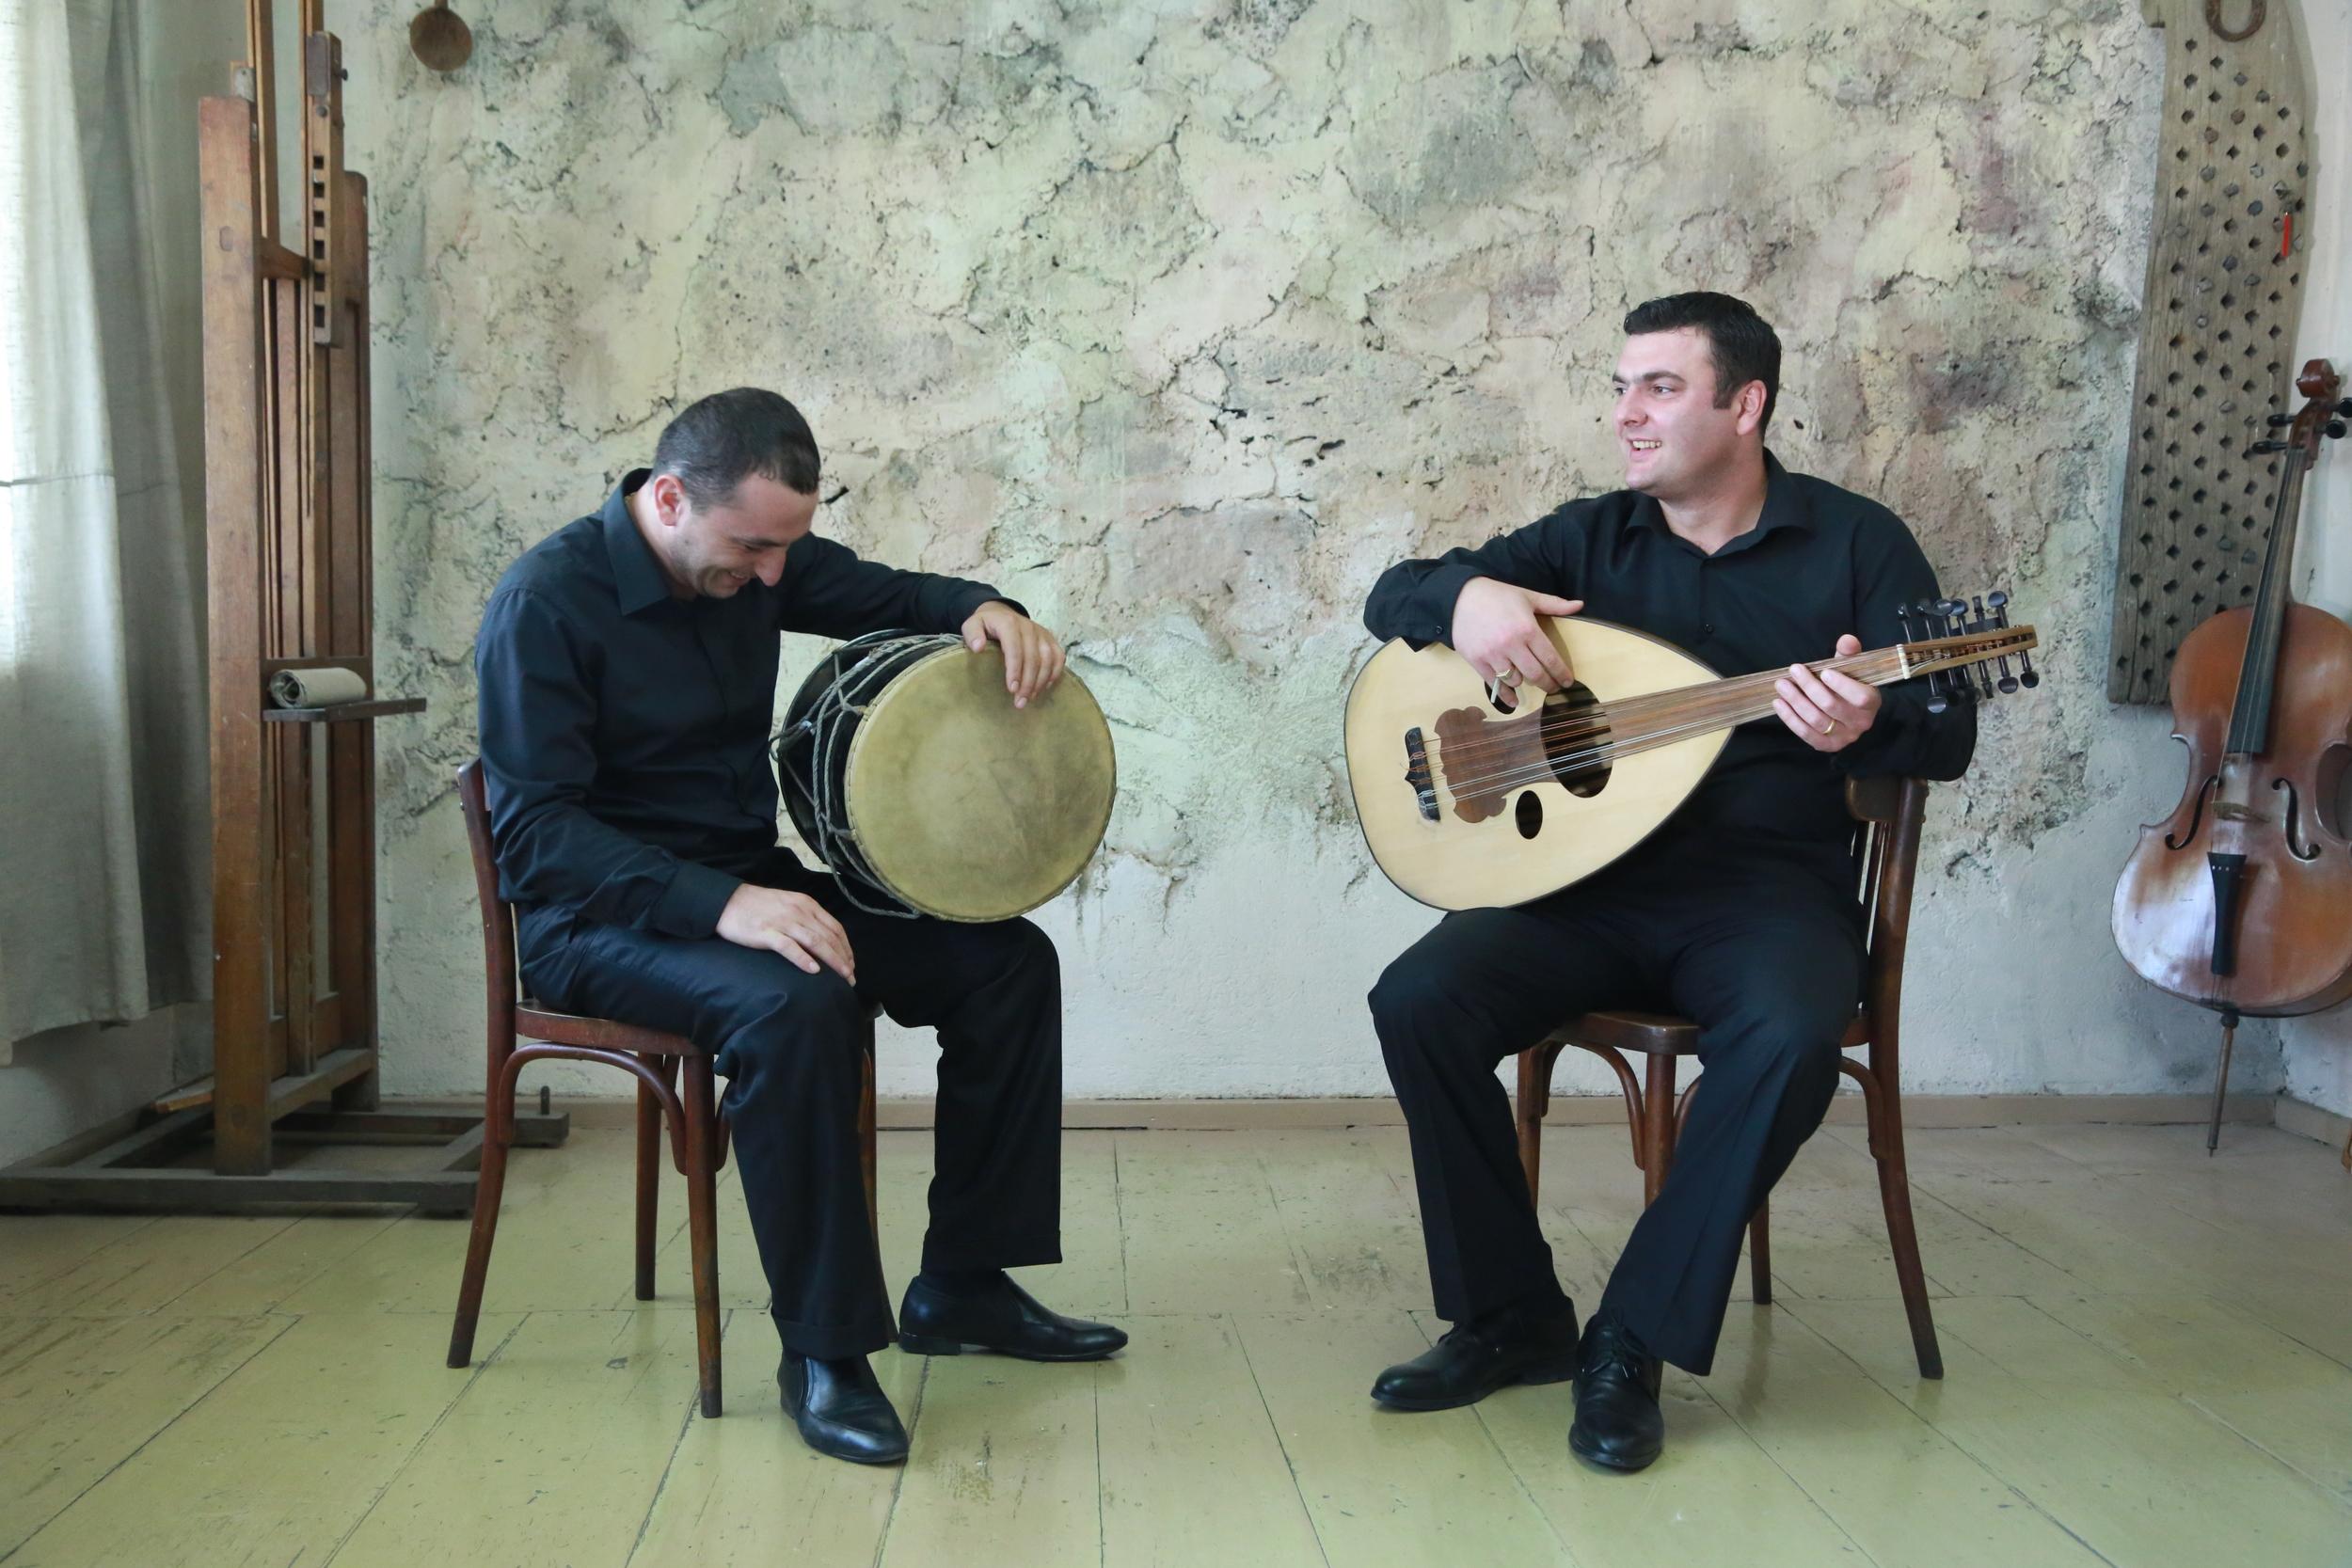 Tigran Hovhannisyan - DHOL, aram nikoghosyan - oud